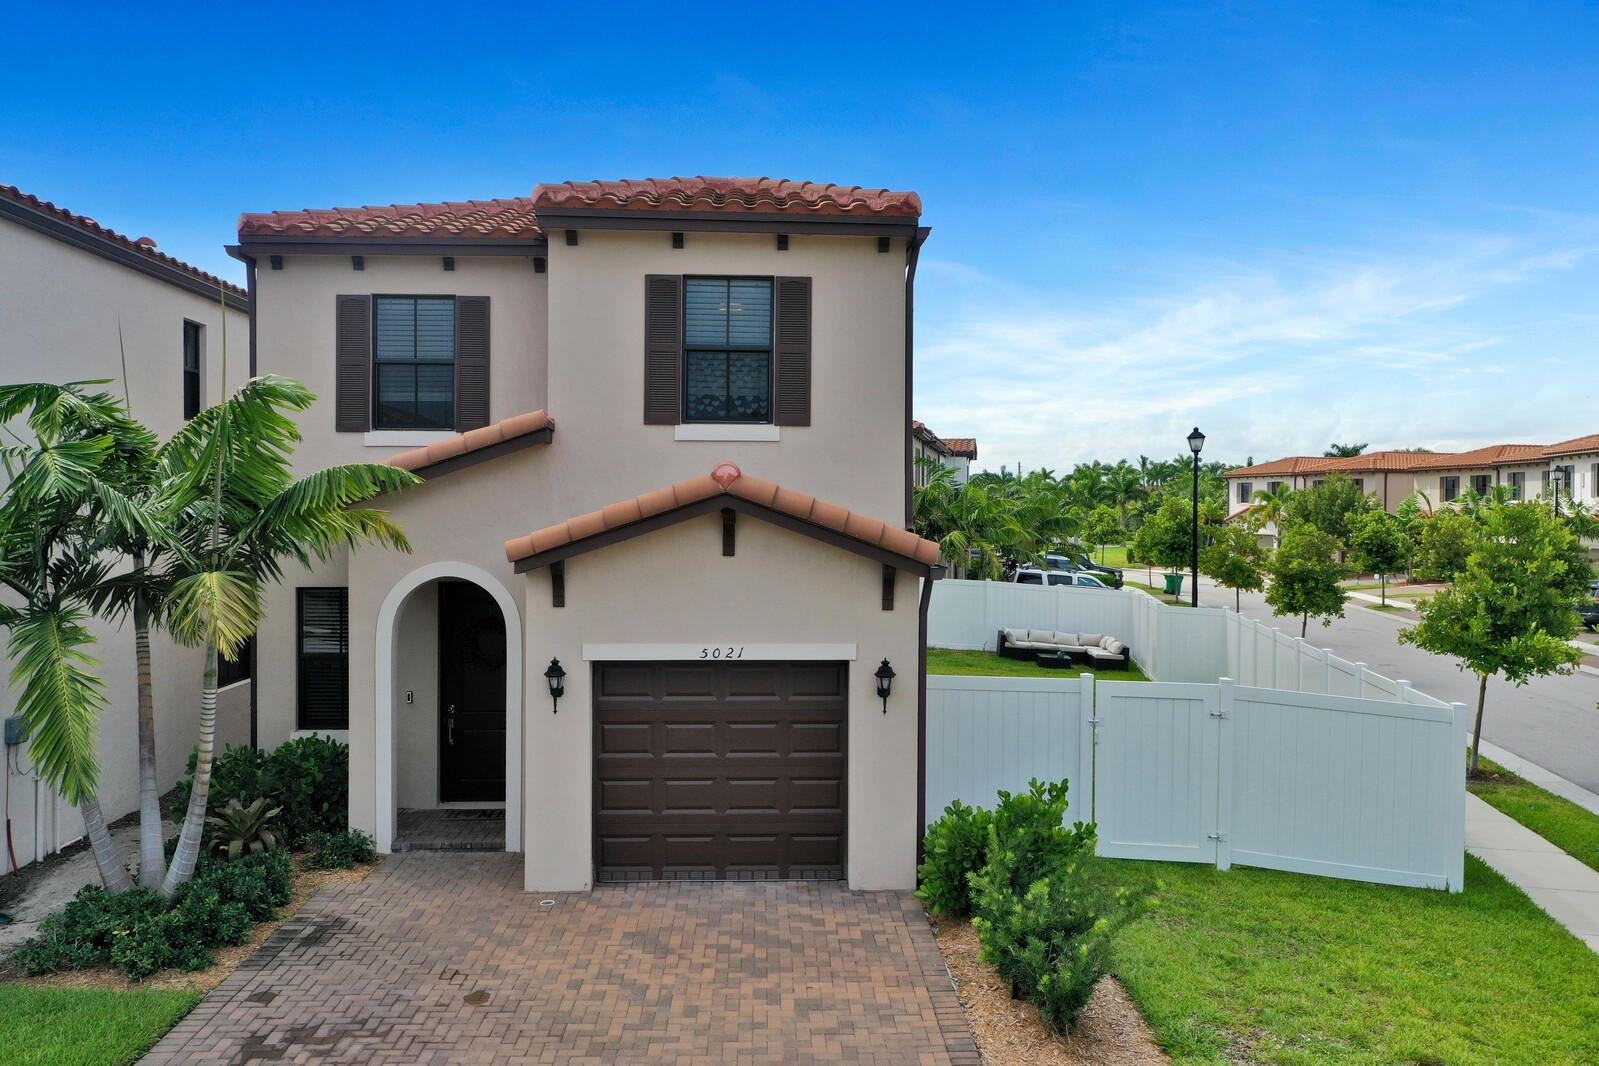 Photo of 5021 Laurel Oak Drive, Riviera Beach, FL 33410 (MLS # RX-10656678)